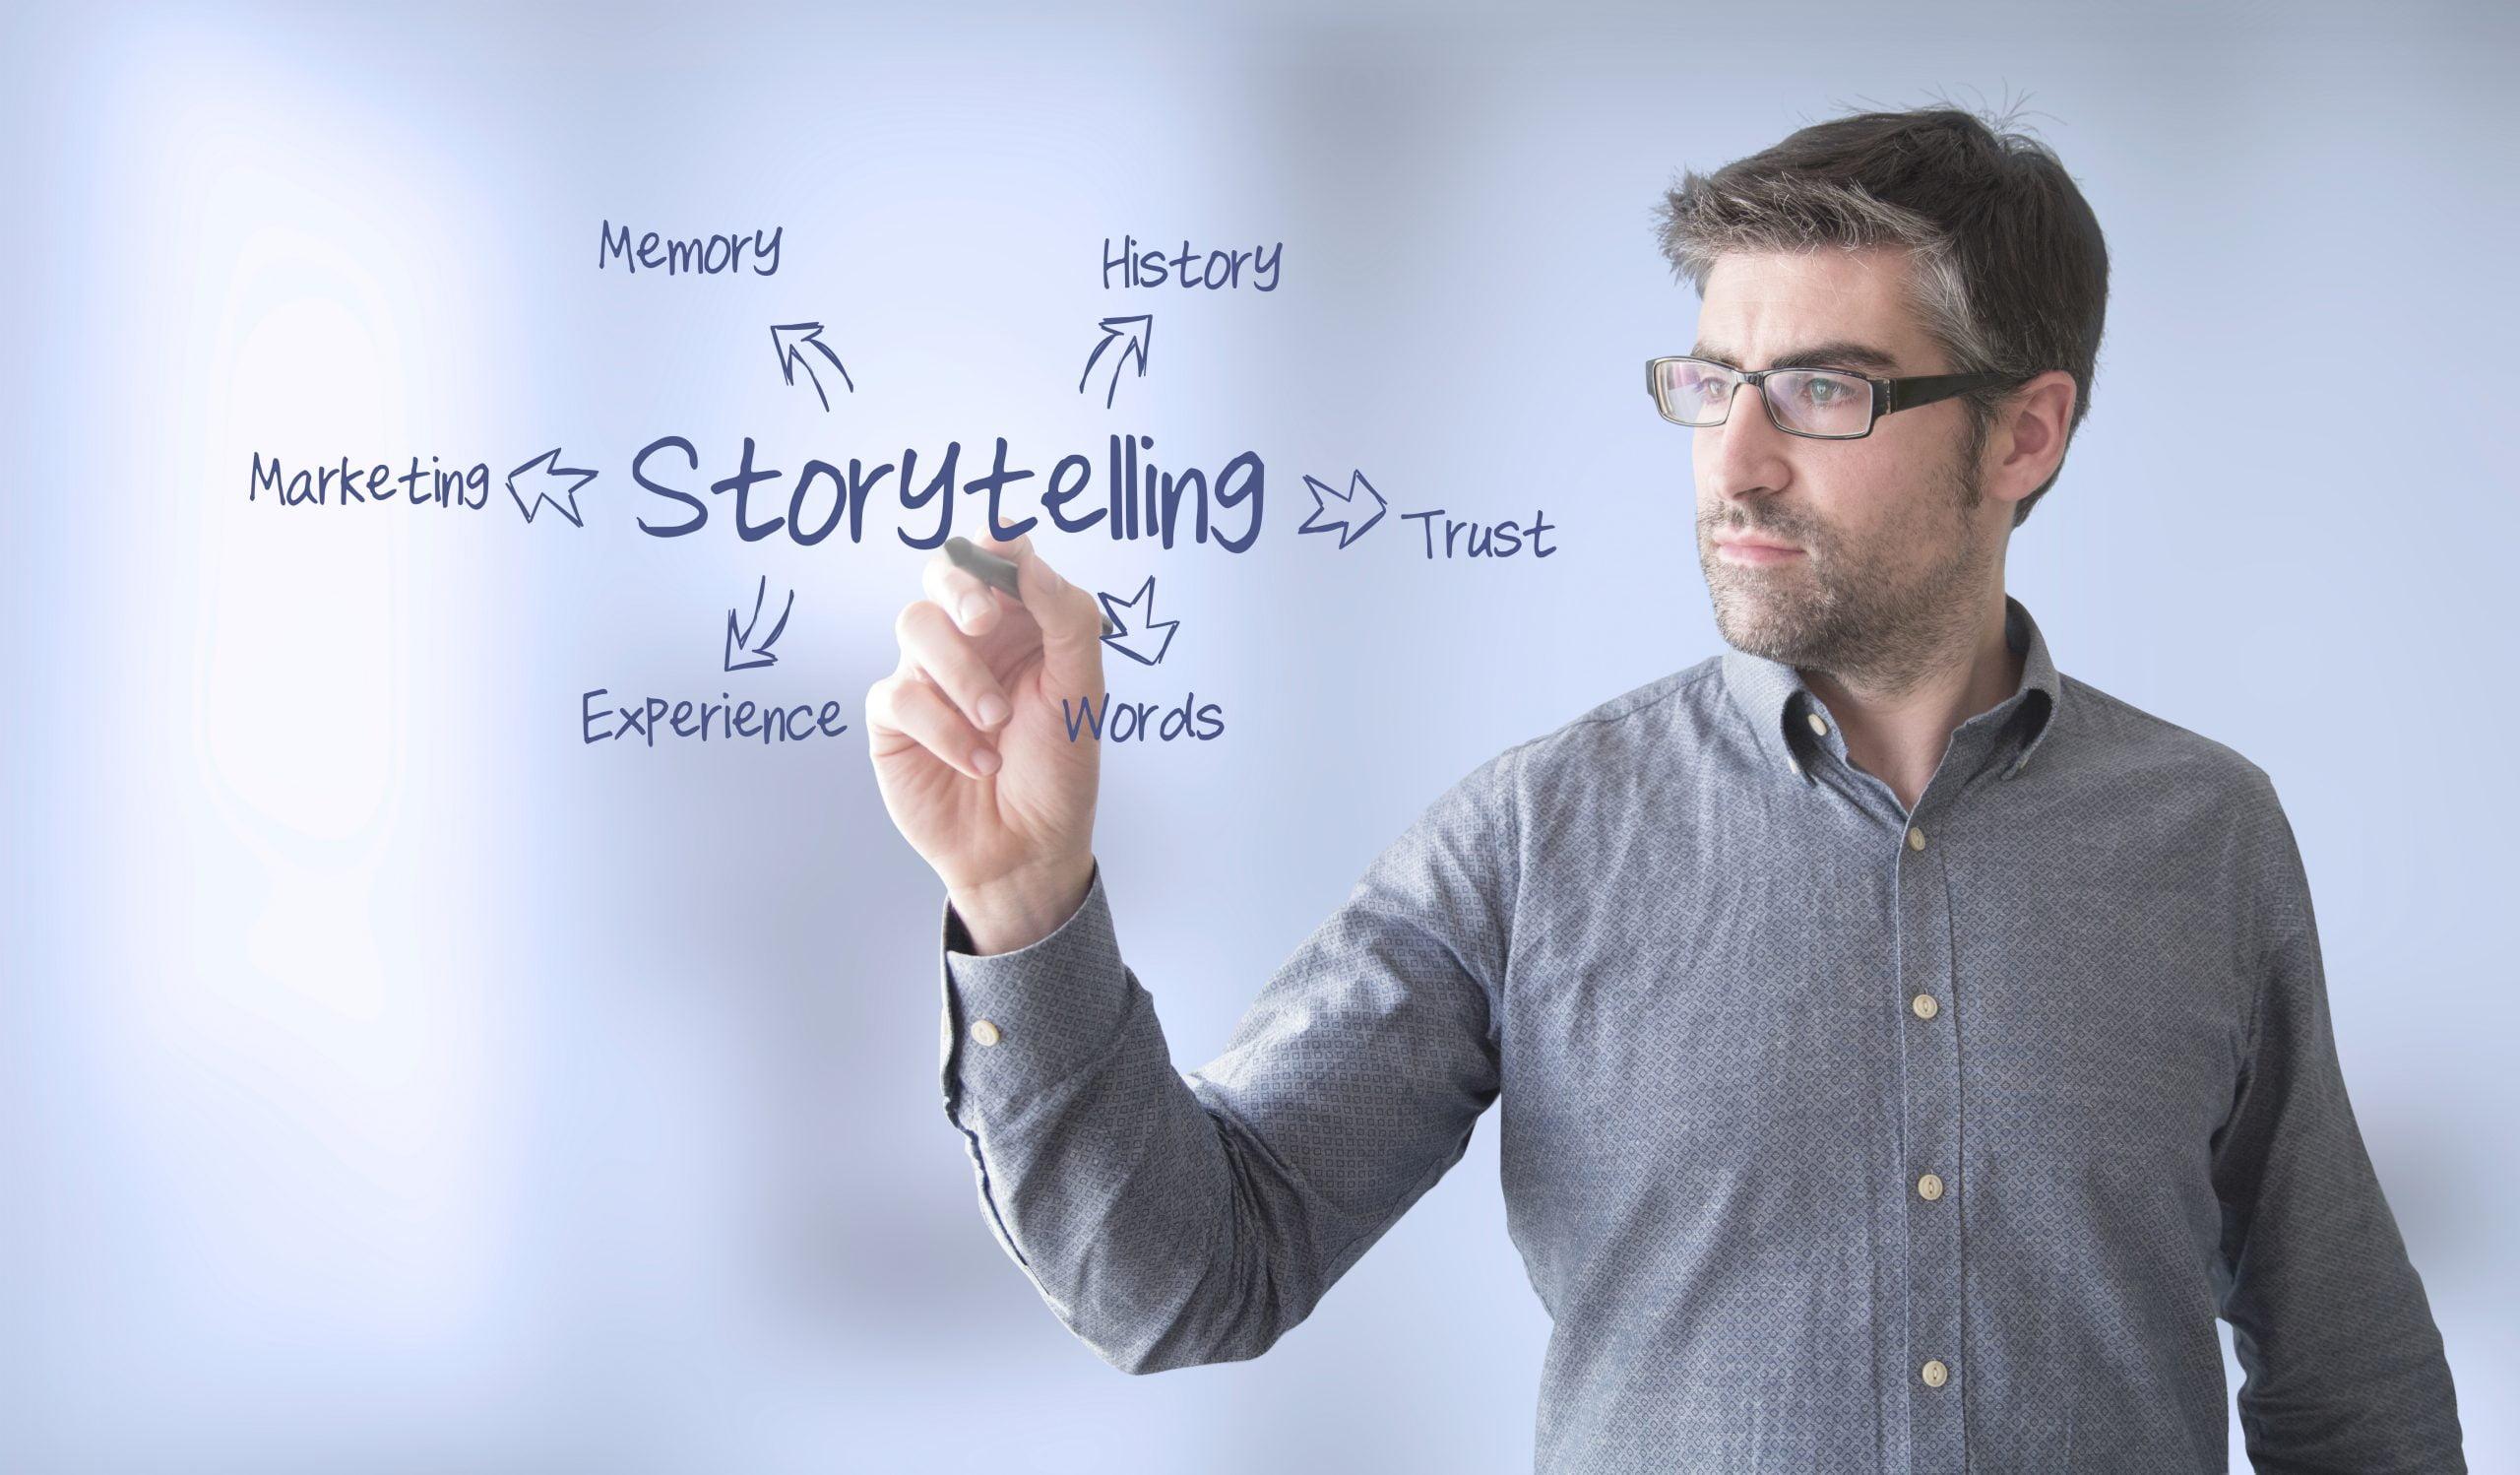 Cómo puede ayudar a los clientes a contar su historia